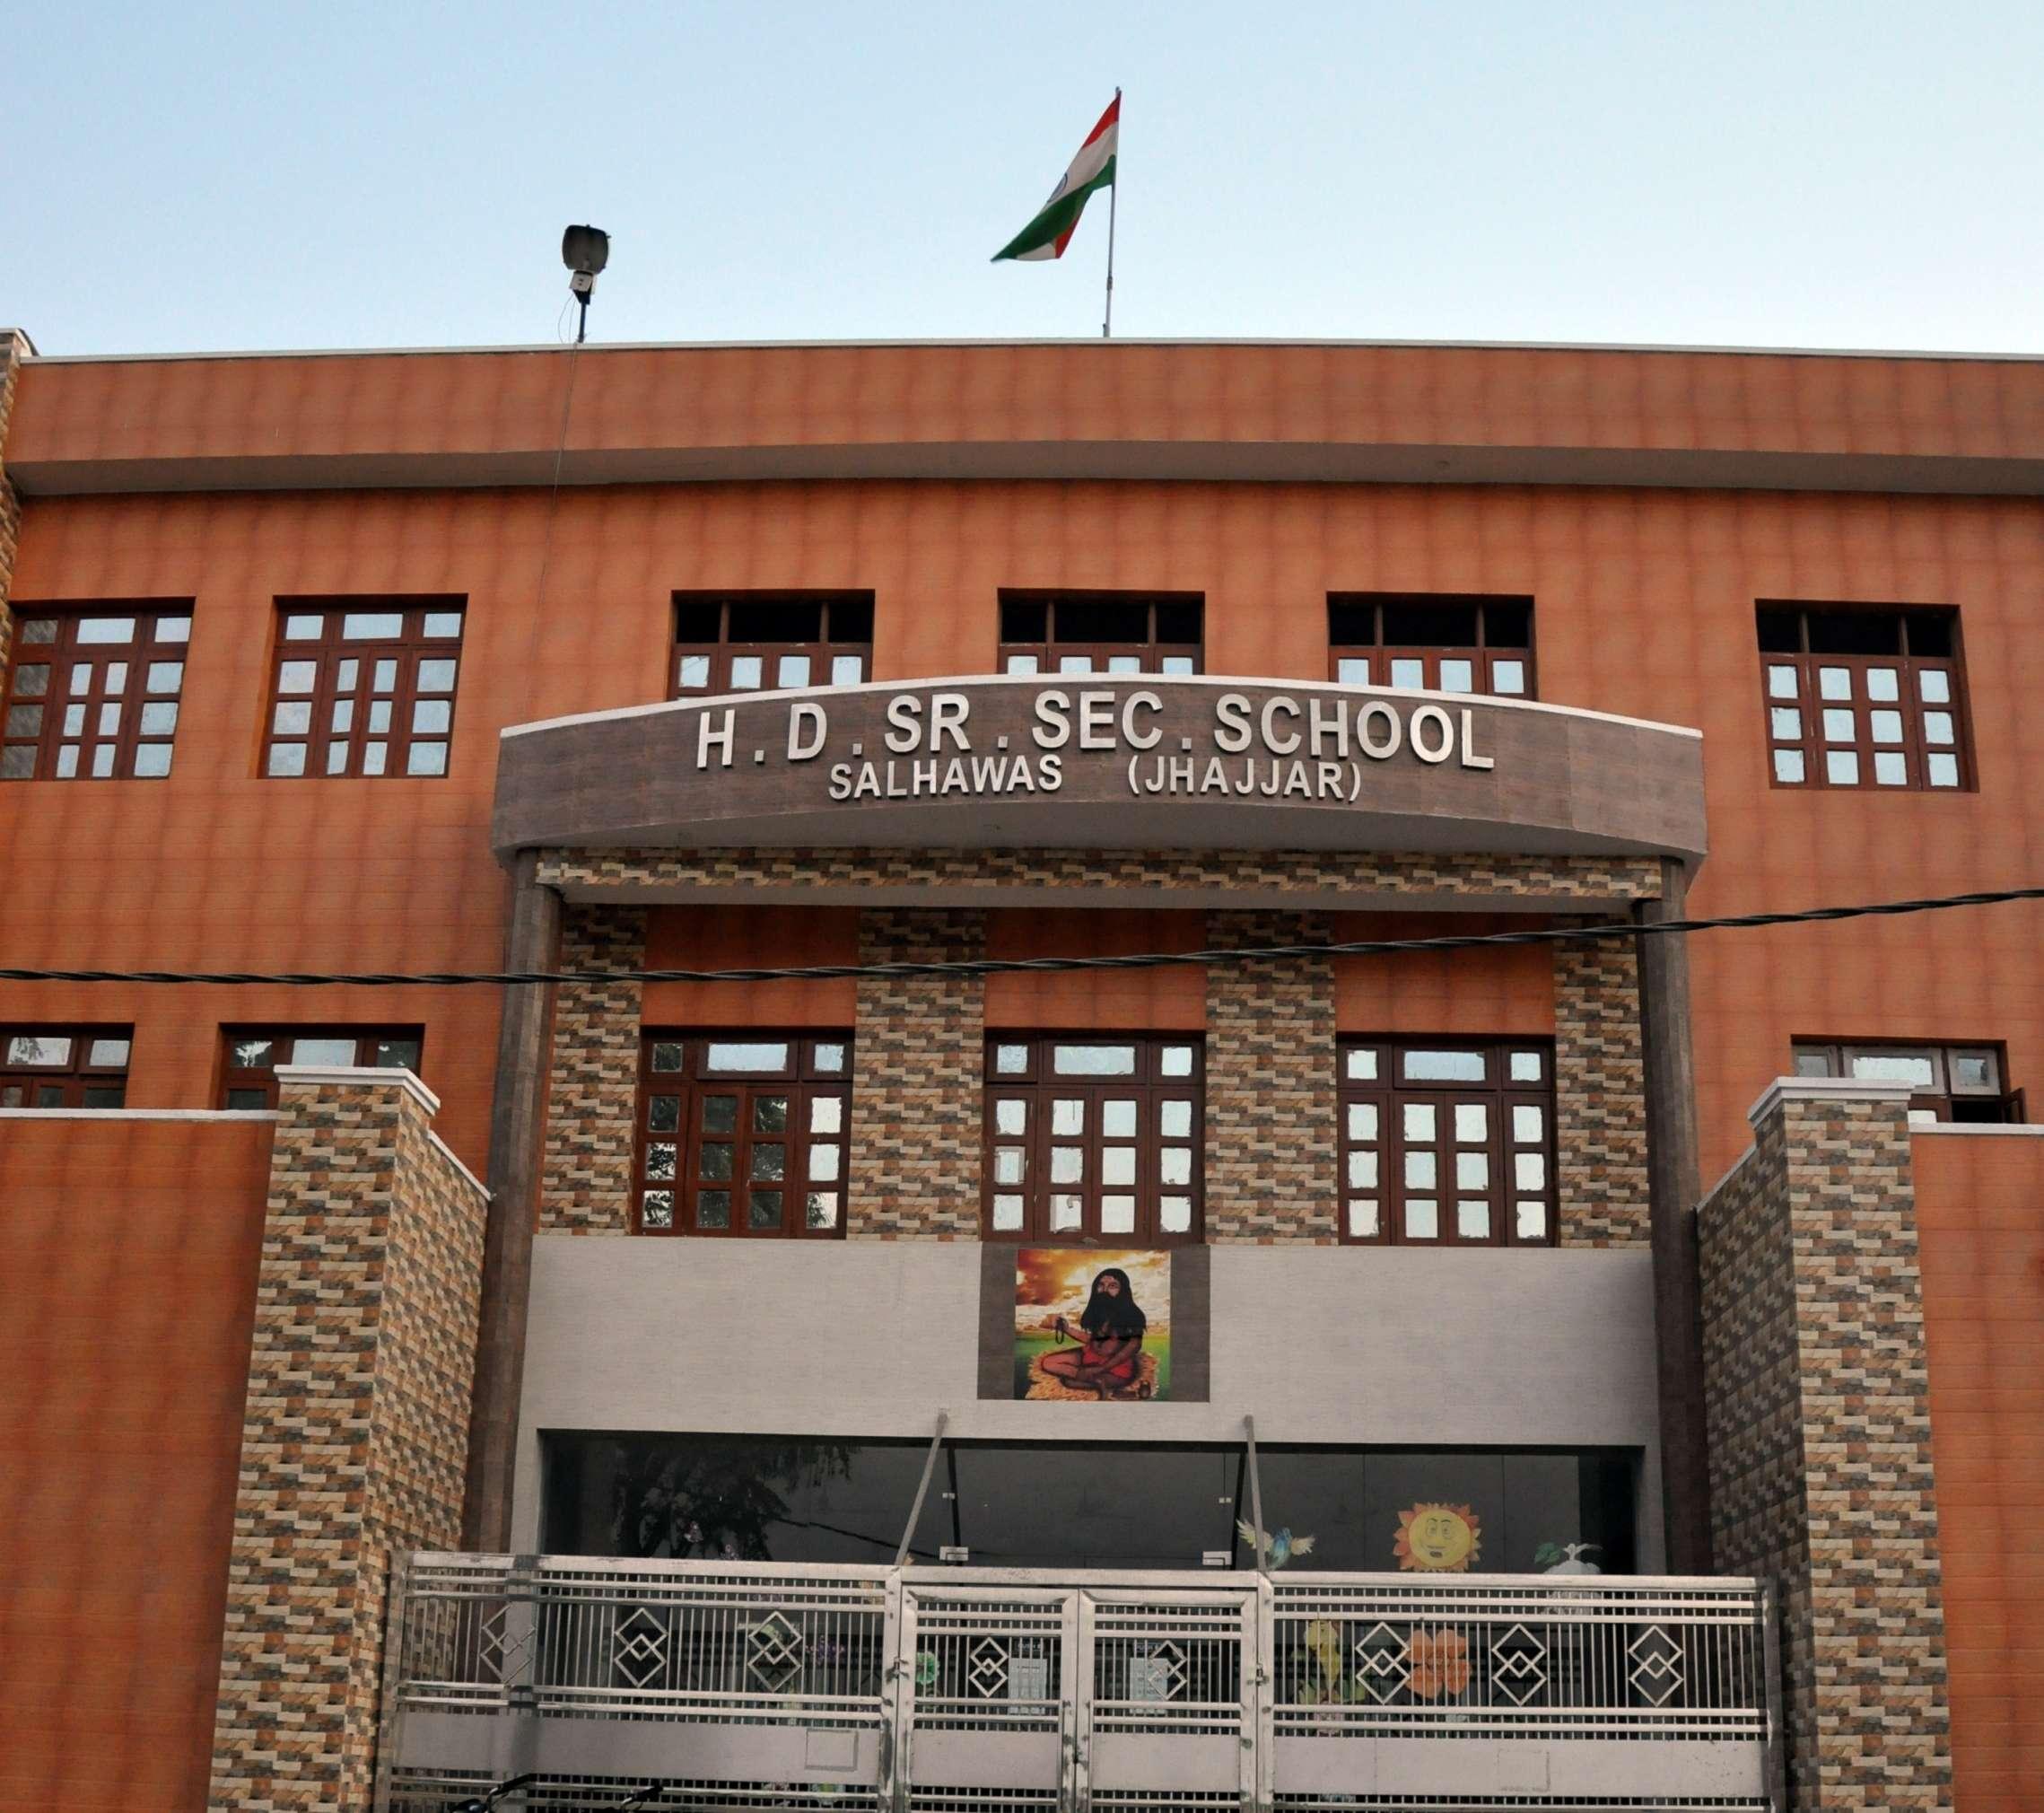 H D SR SEC SCHOOL SALHAWAS DISTT JHAJJAR HARYANA 530430